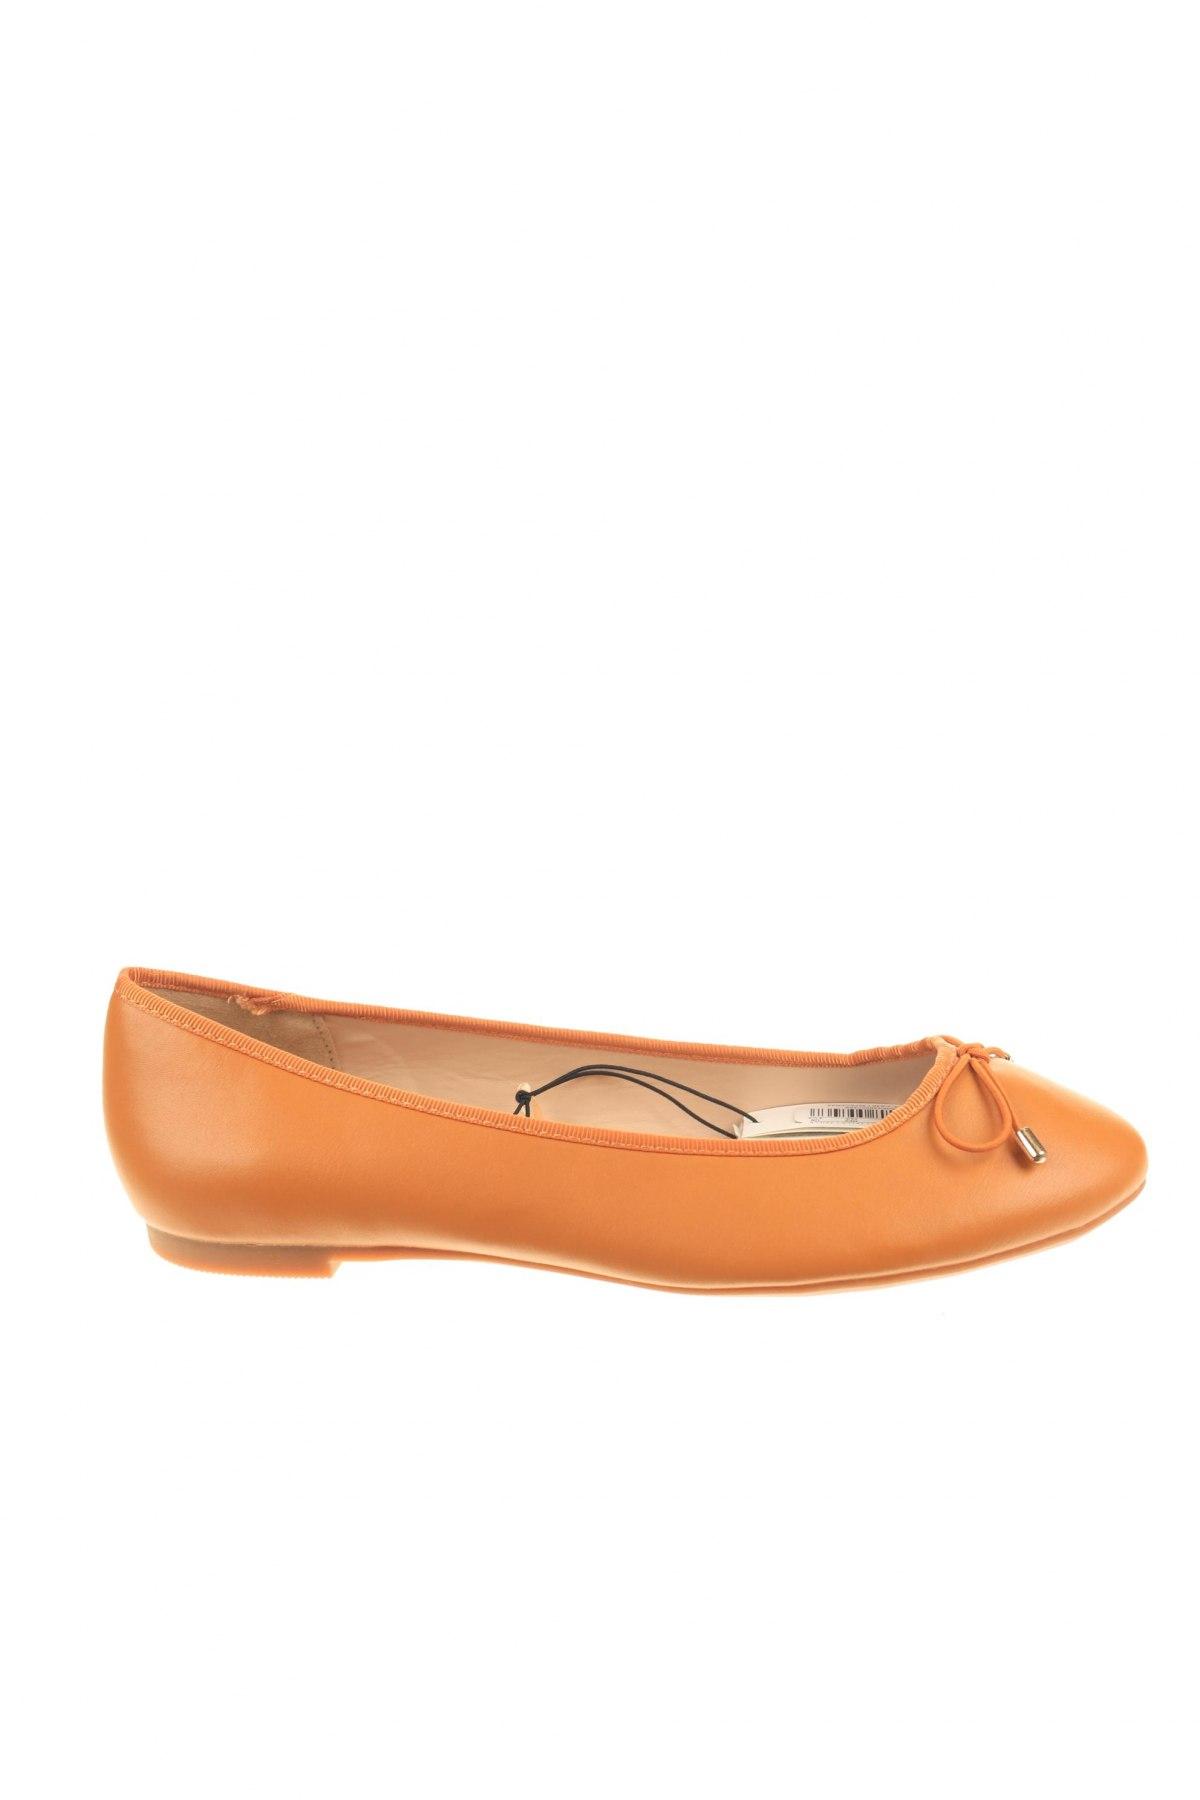 Γυναικεία παπούτσια Parfois, Μέγεθος 36, Χρώμα Κίτρινο, Δερματίνη, Τιμή 8,18€